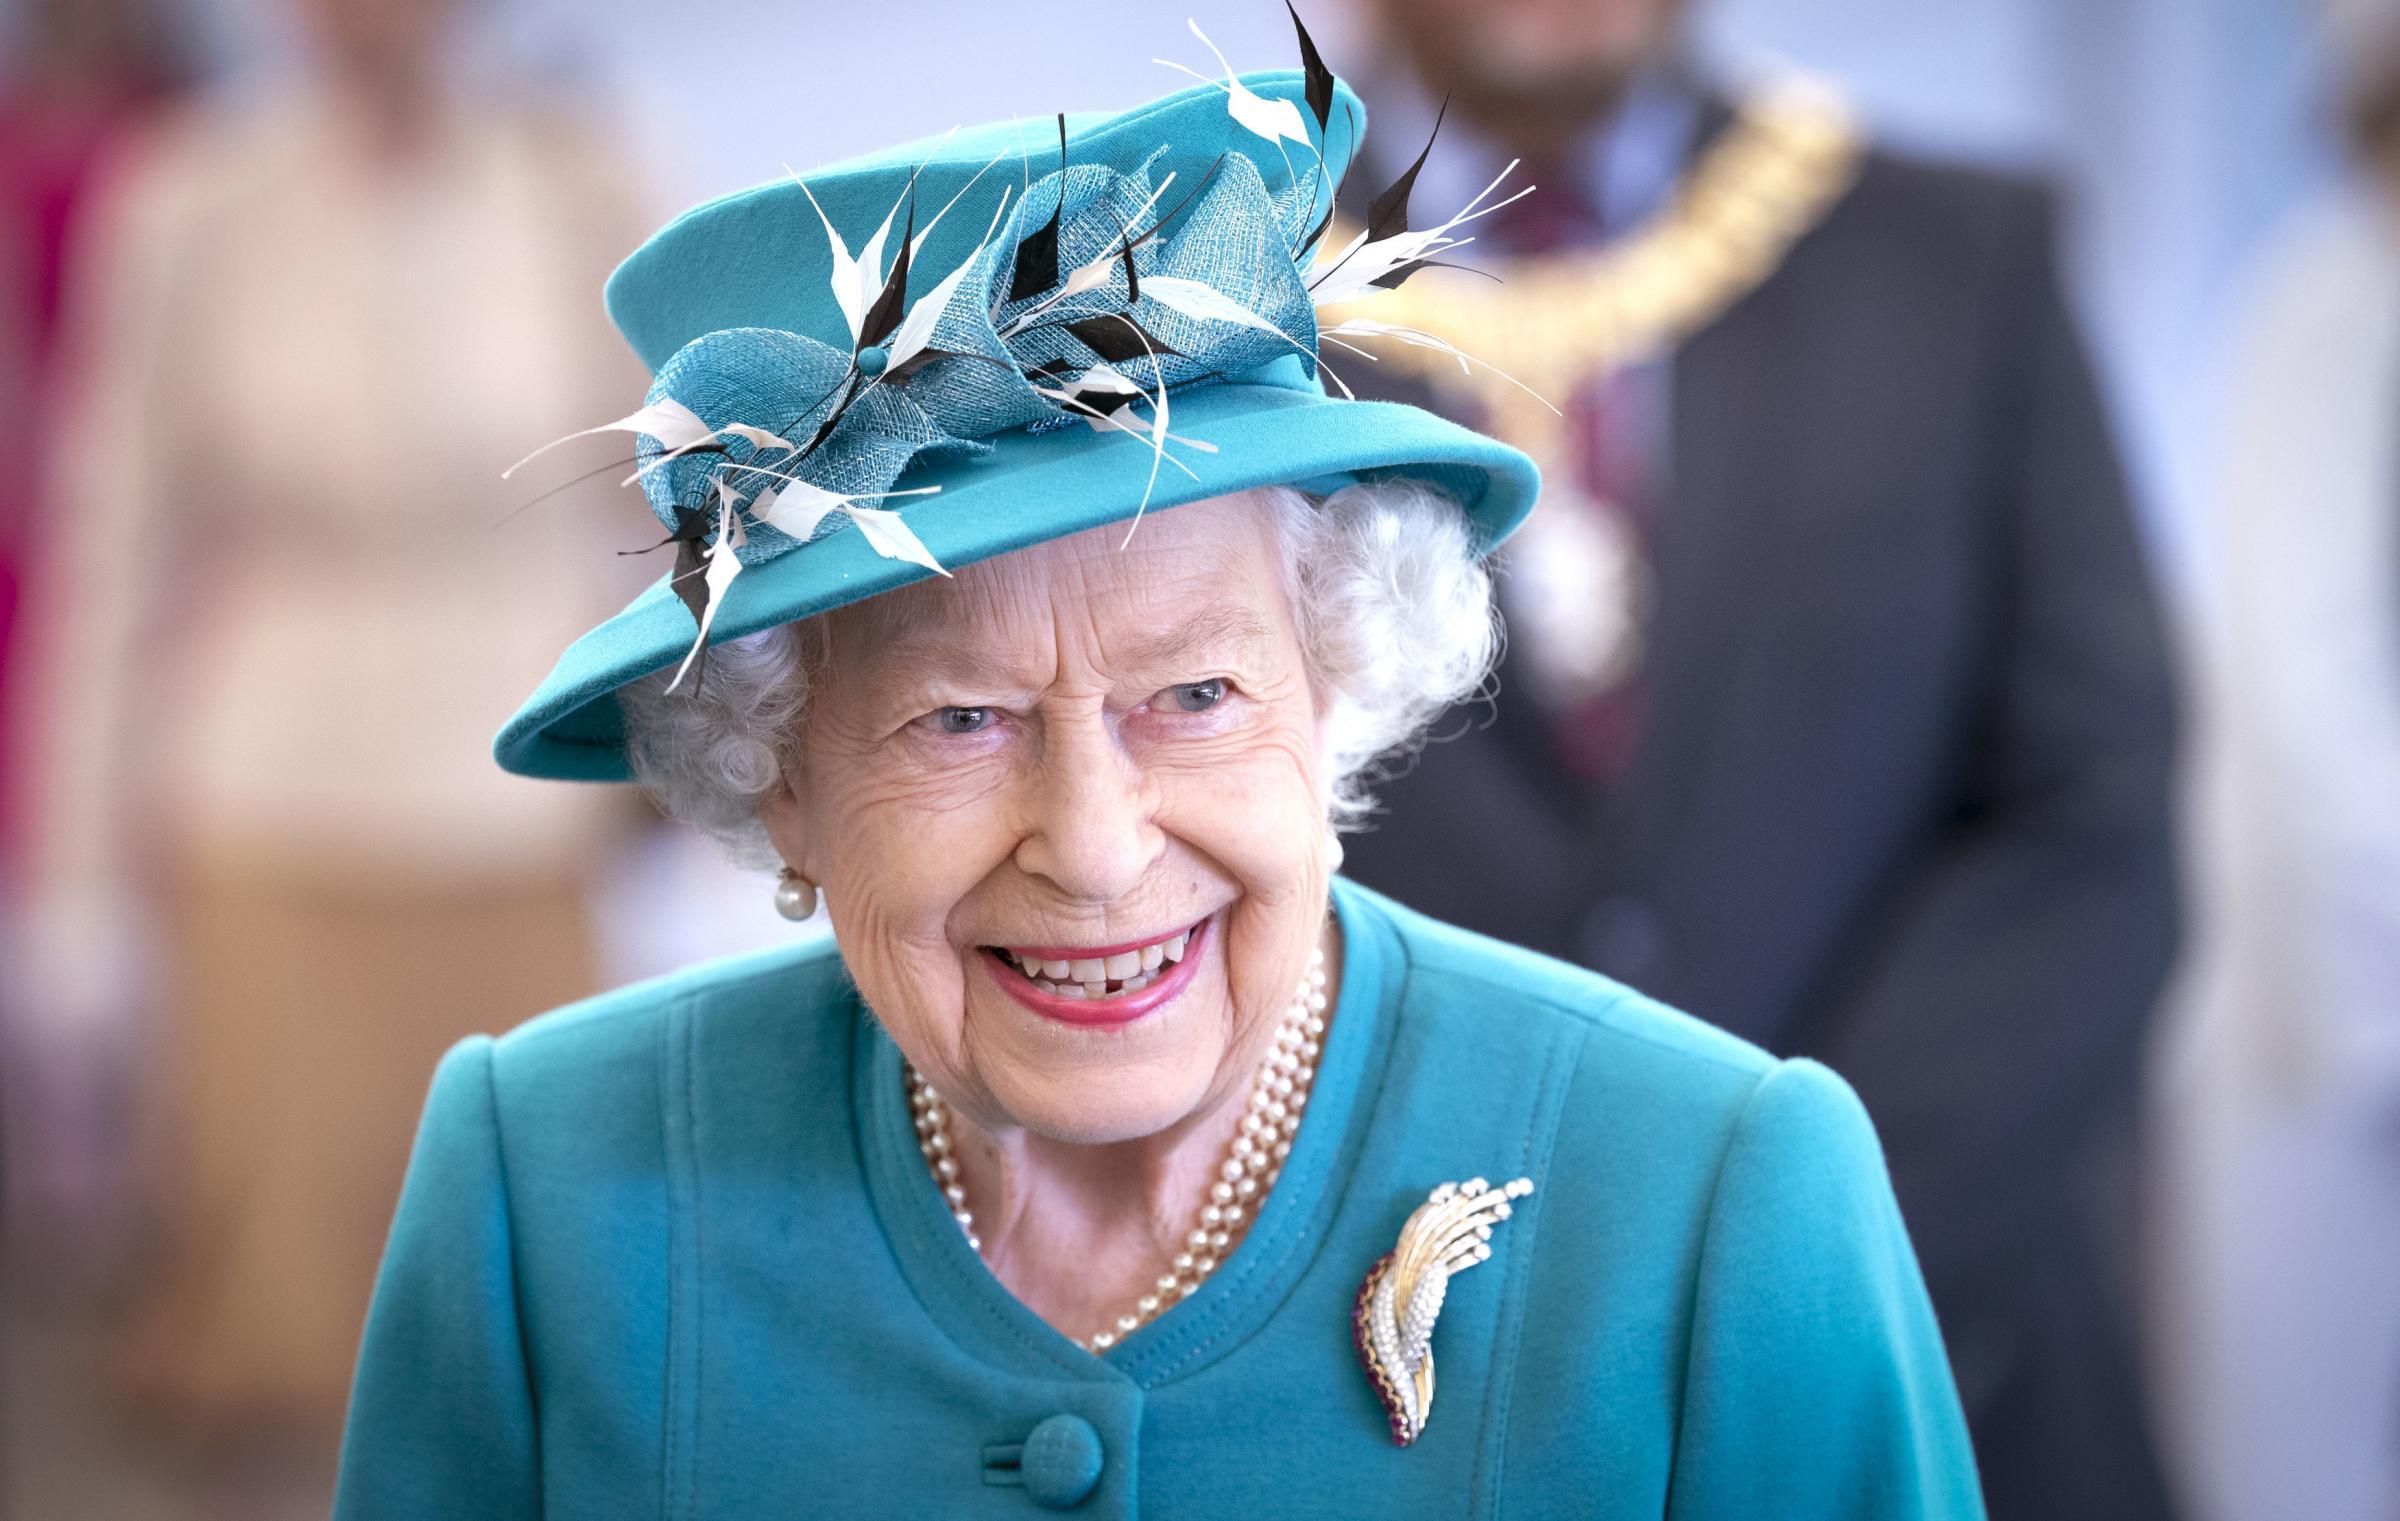 COP26: Ratu merindukan gereja untuk 'menghemat energi' untuk pertemuan puncak setelah ketakutan kesehatan